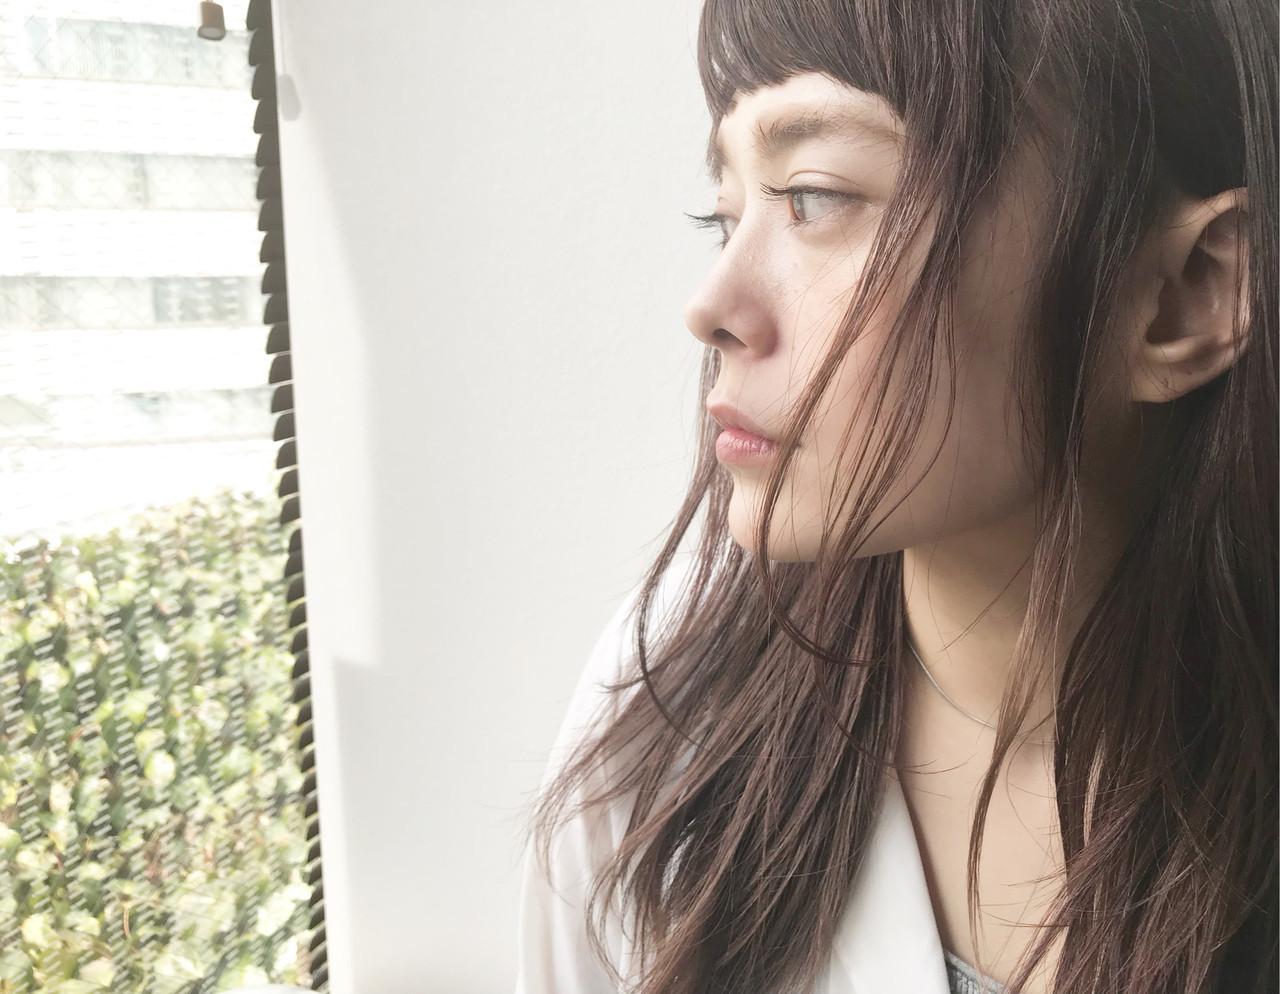 セミロング 小顔ヘア ナチュラル オン眉 ヘアスタイルや髪型の写真・画像